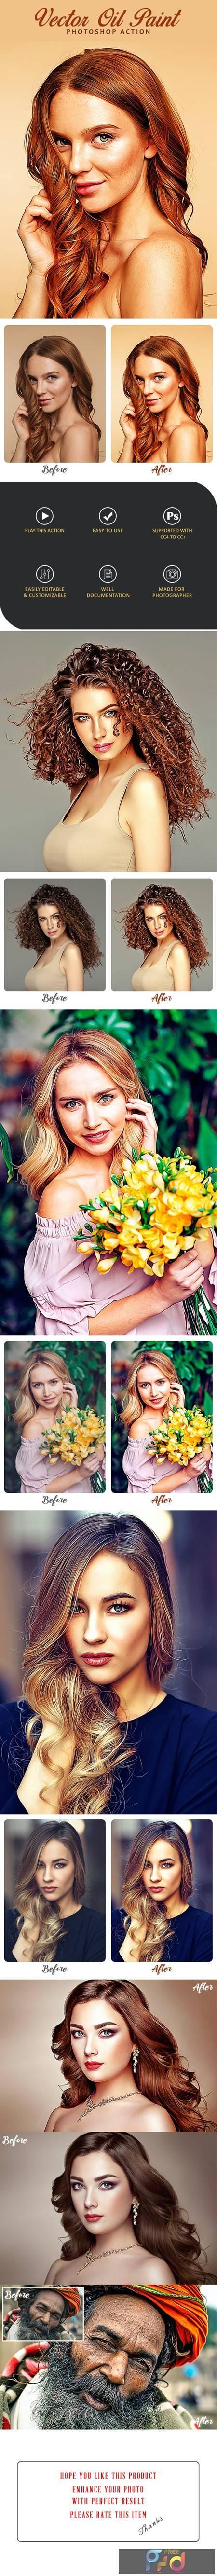 Vector Oil Paint Photoshop Action 29924208 1